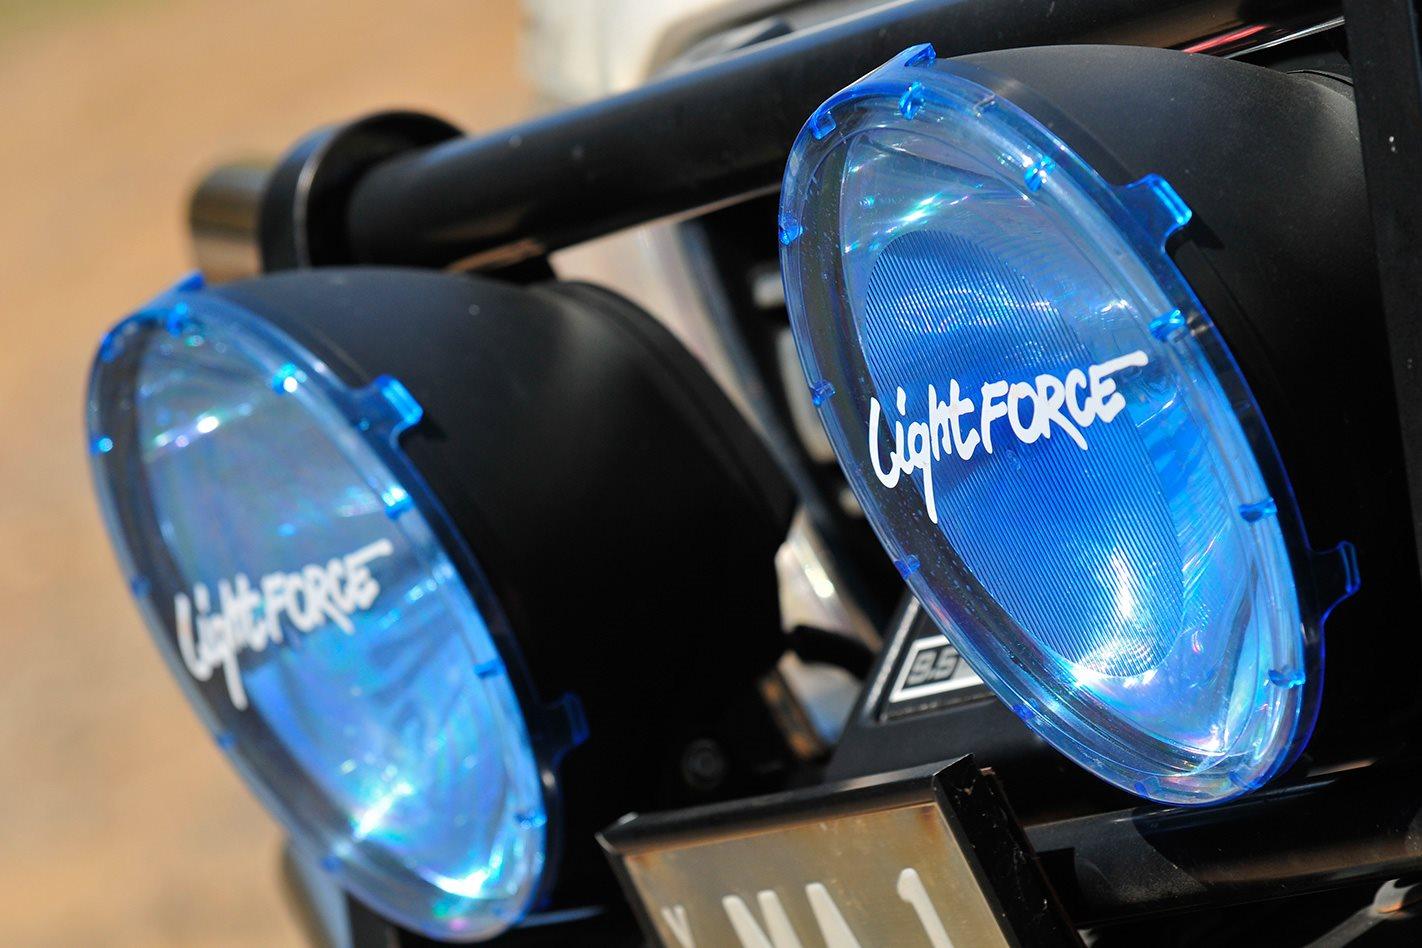 Lightforce-LED's.jpg